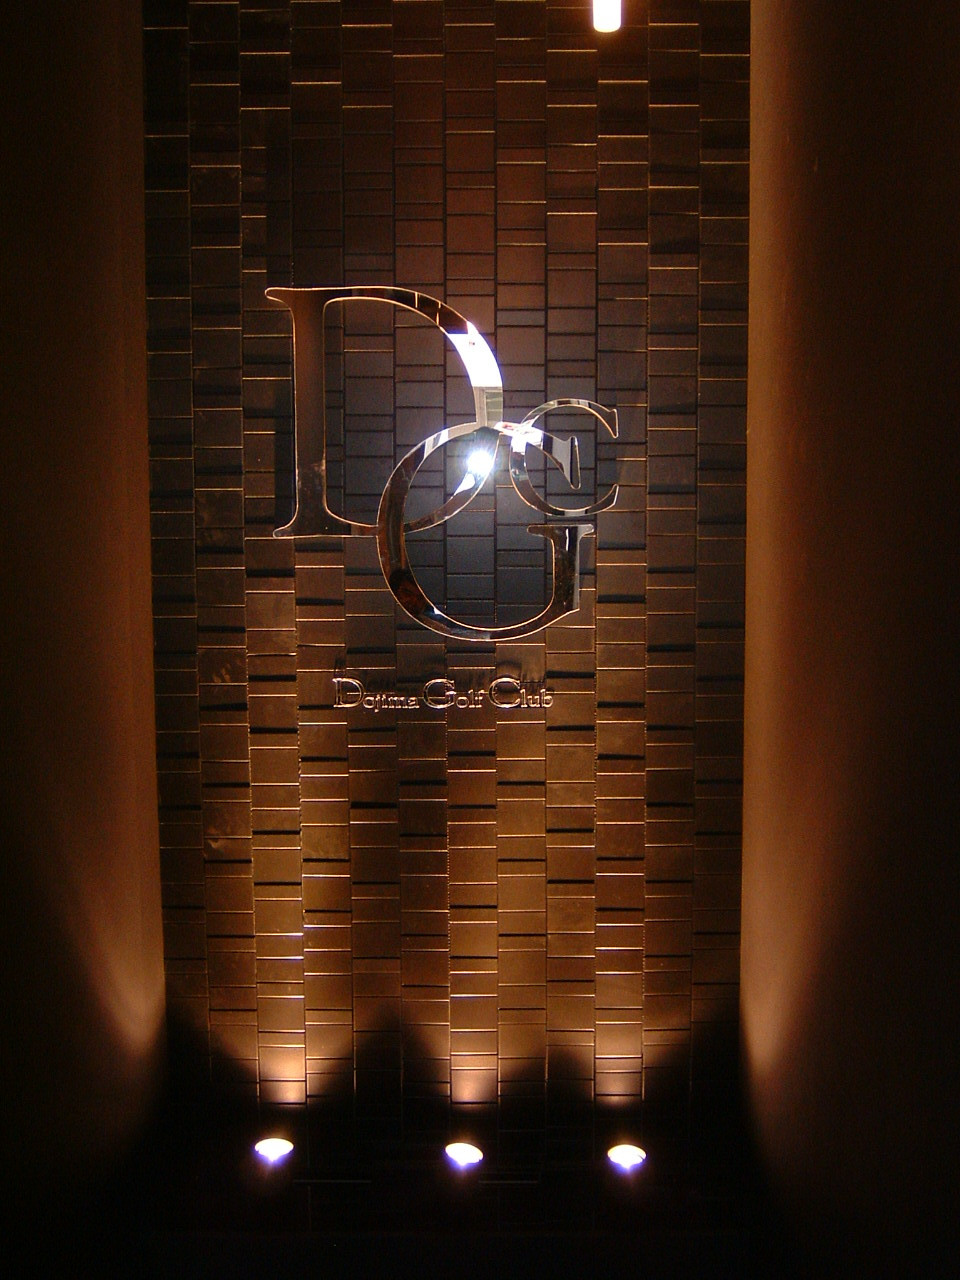 ステンレス 鏡面 ラグジュアリー ゴージャス 綺麗 高級感 サイン ゴルフクラブ 看板 大阪